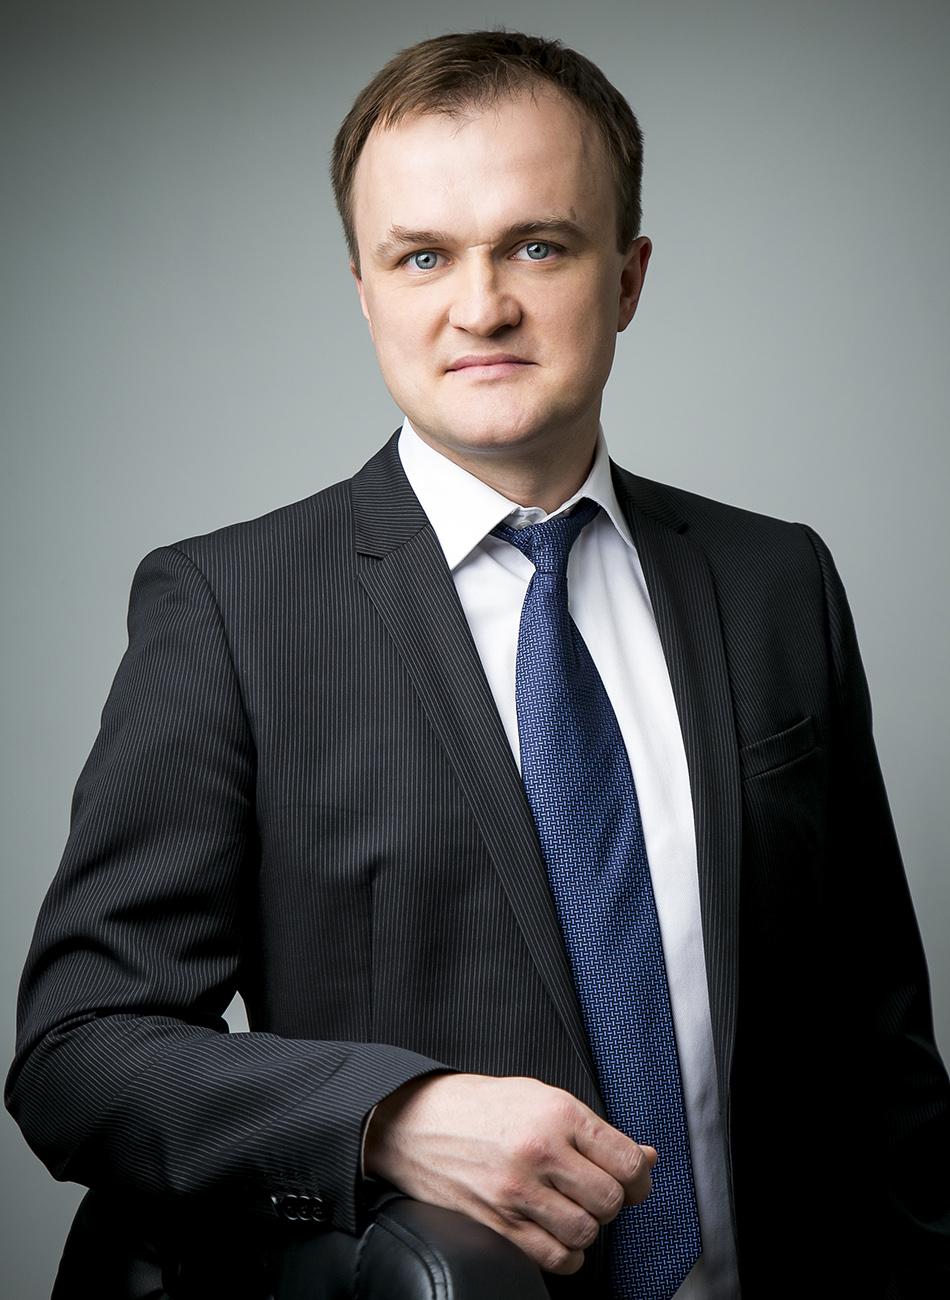 АНДРЕЙ БУРЧЕНКО Начальник Управления по развитию бизнес-процессов корпоративного сервиса, ПОЛЮС